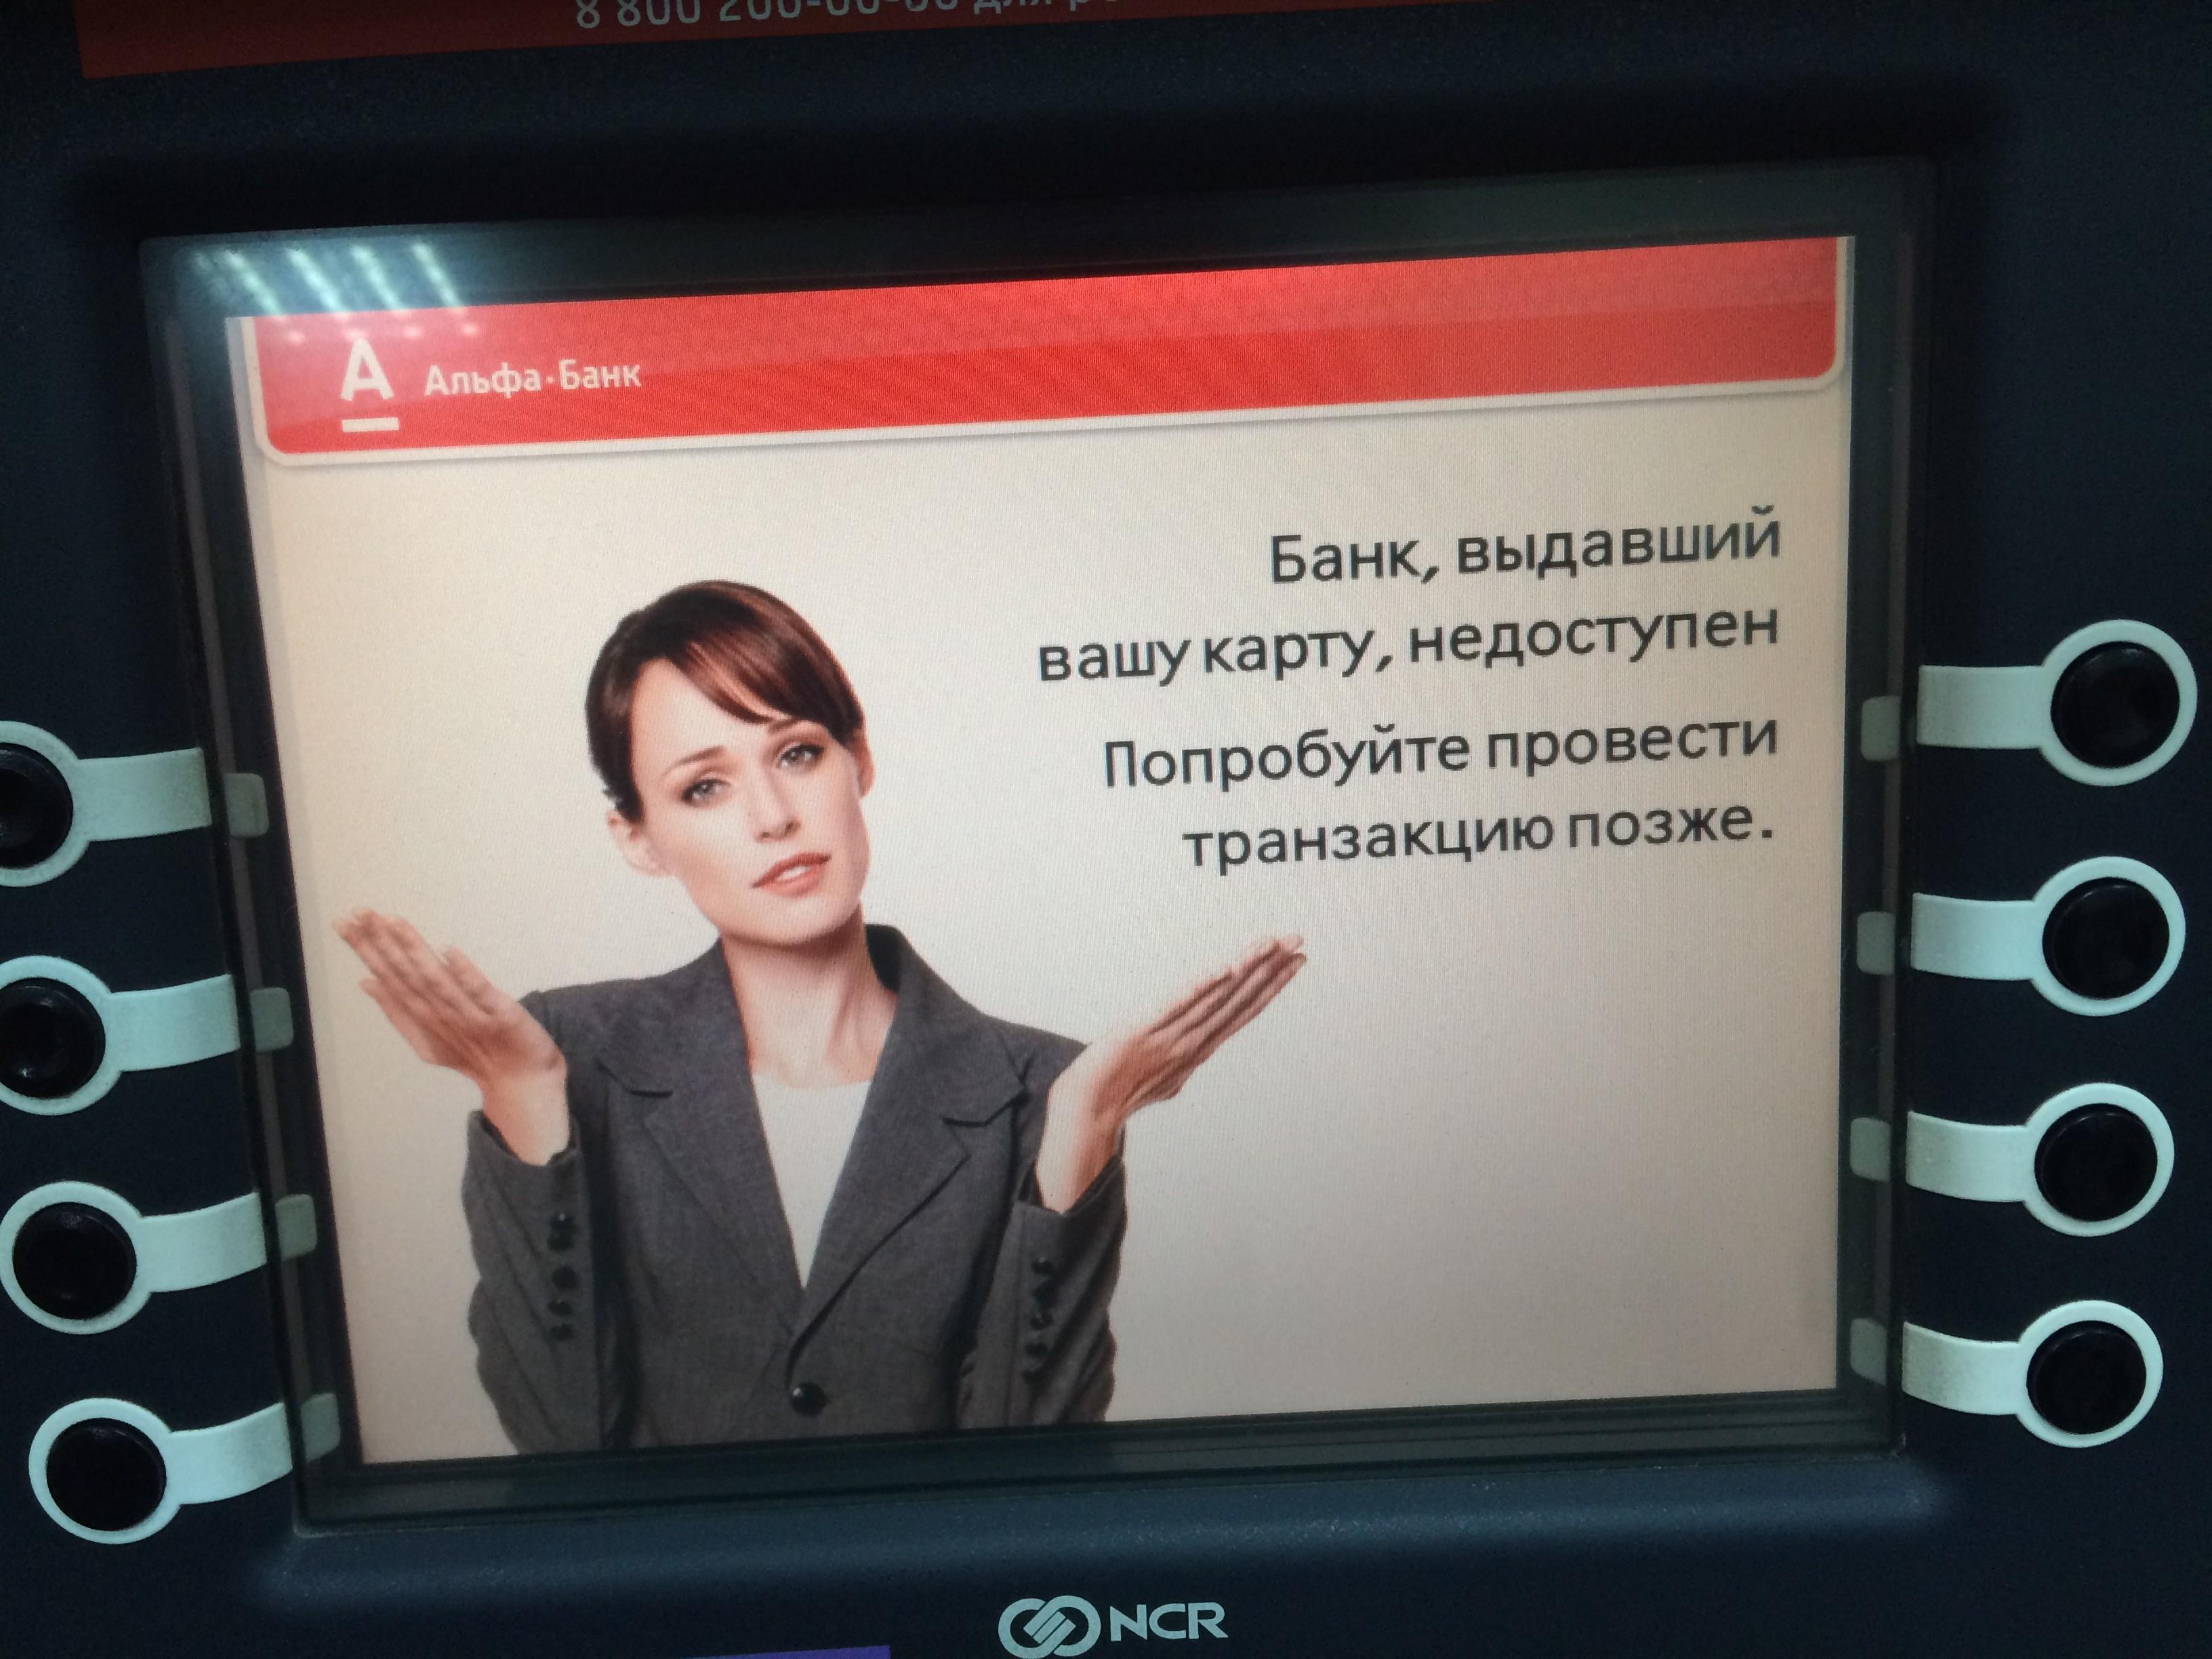 ледовых фото должников альфа банка смотреть рубрике фотошот